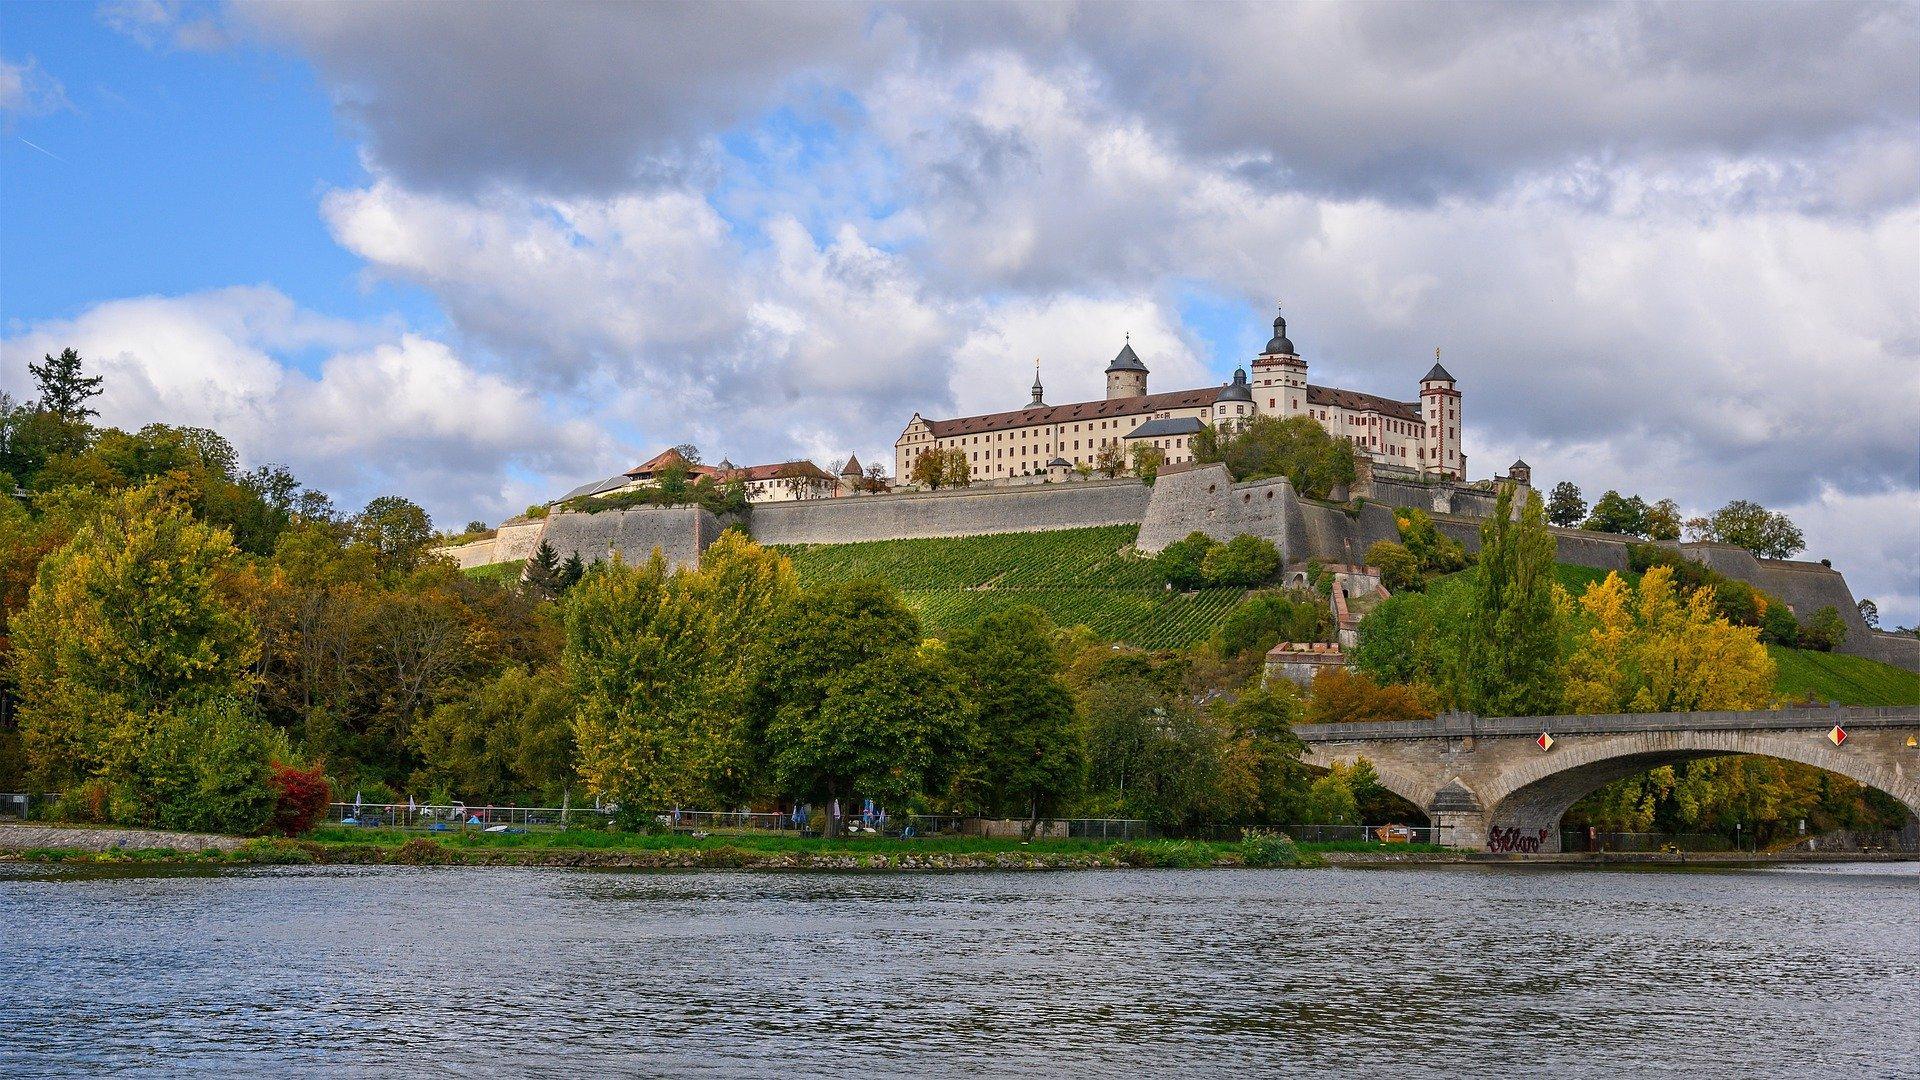 Schloss bei Würzburg am Main